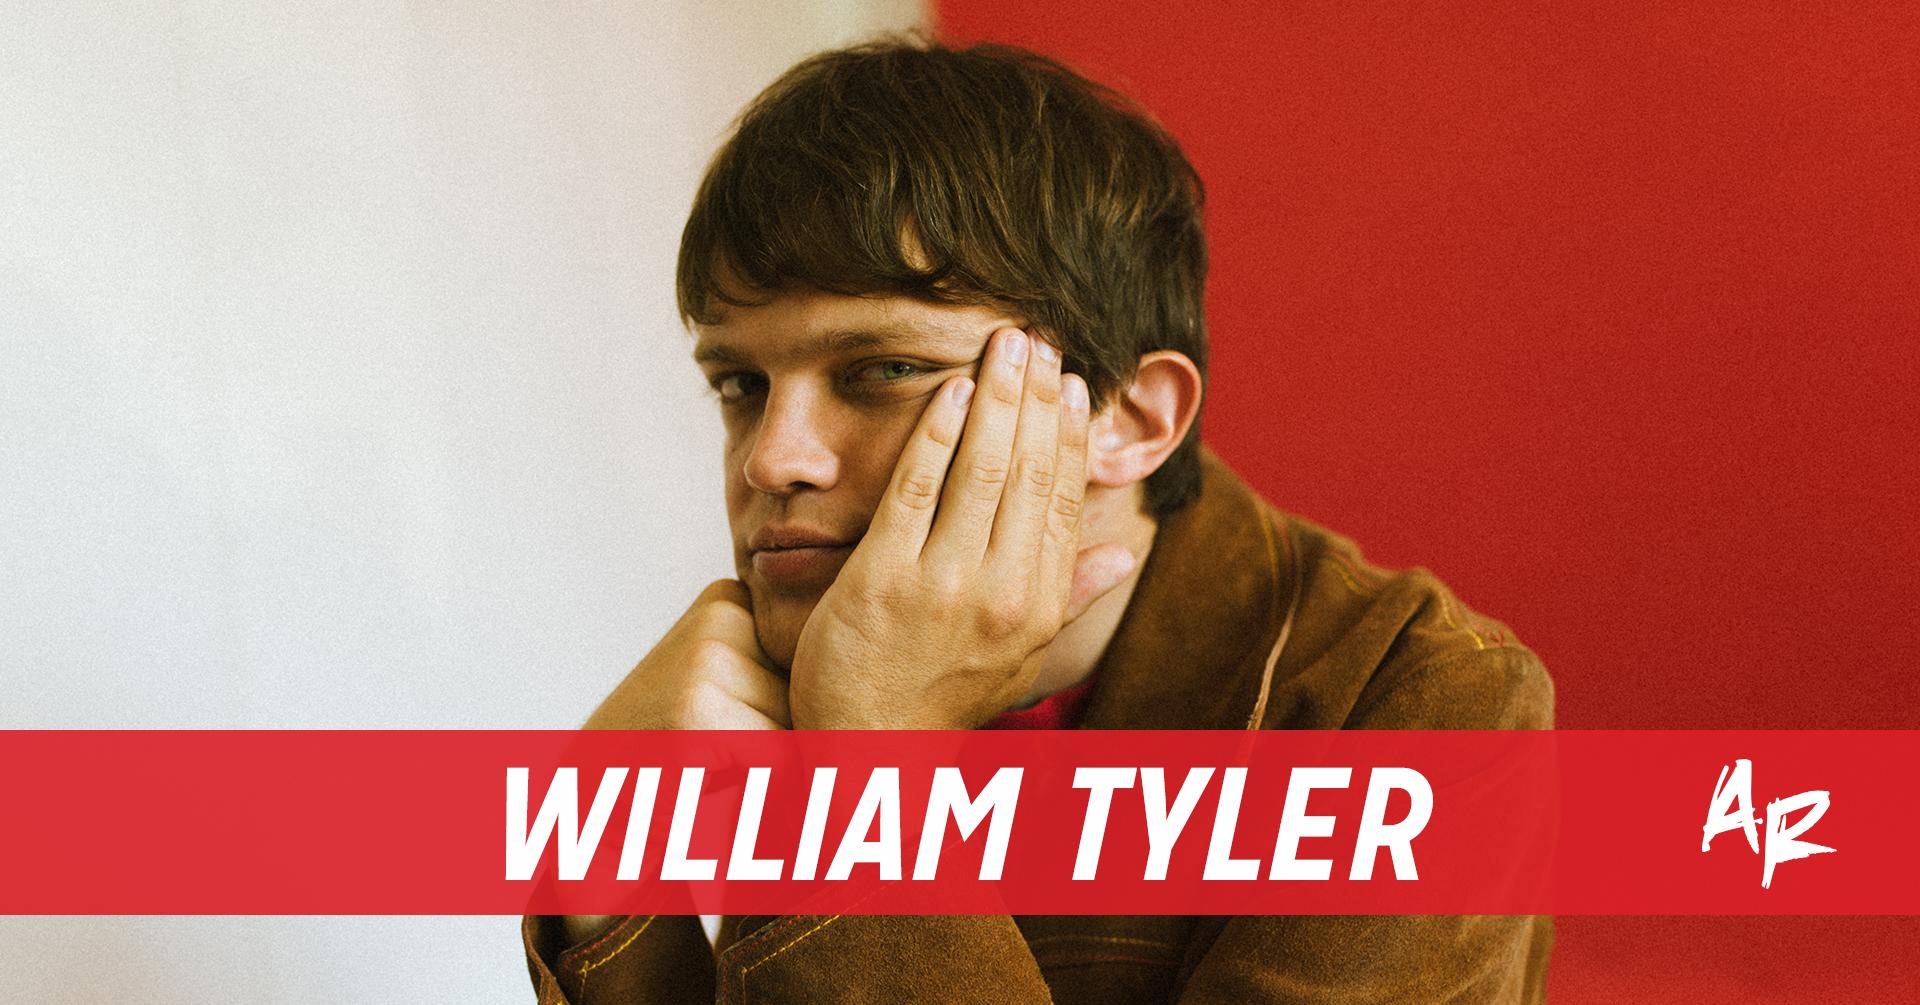 WilliamTylerBanner2.jpg